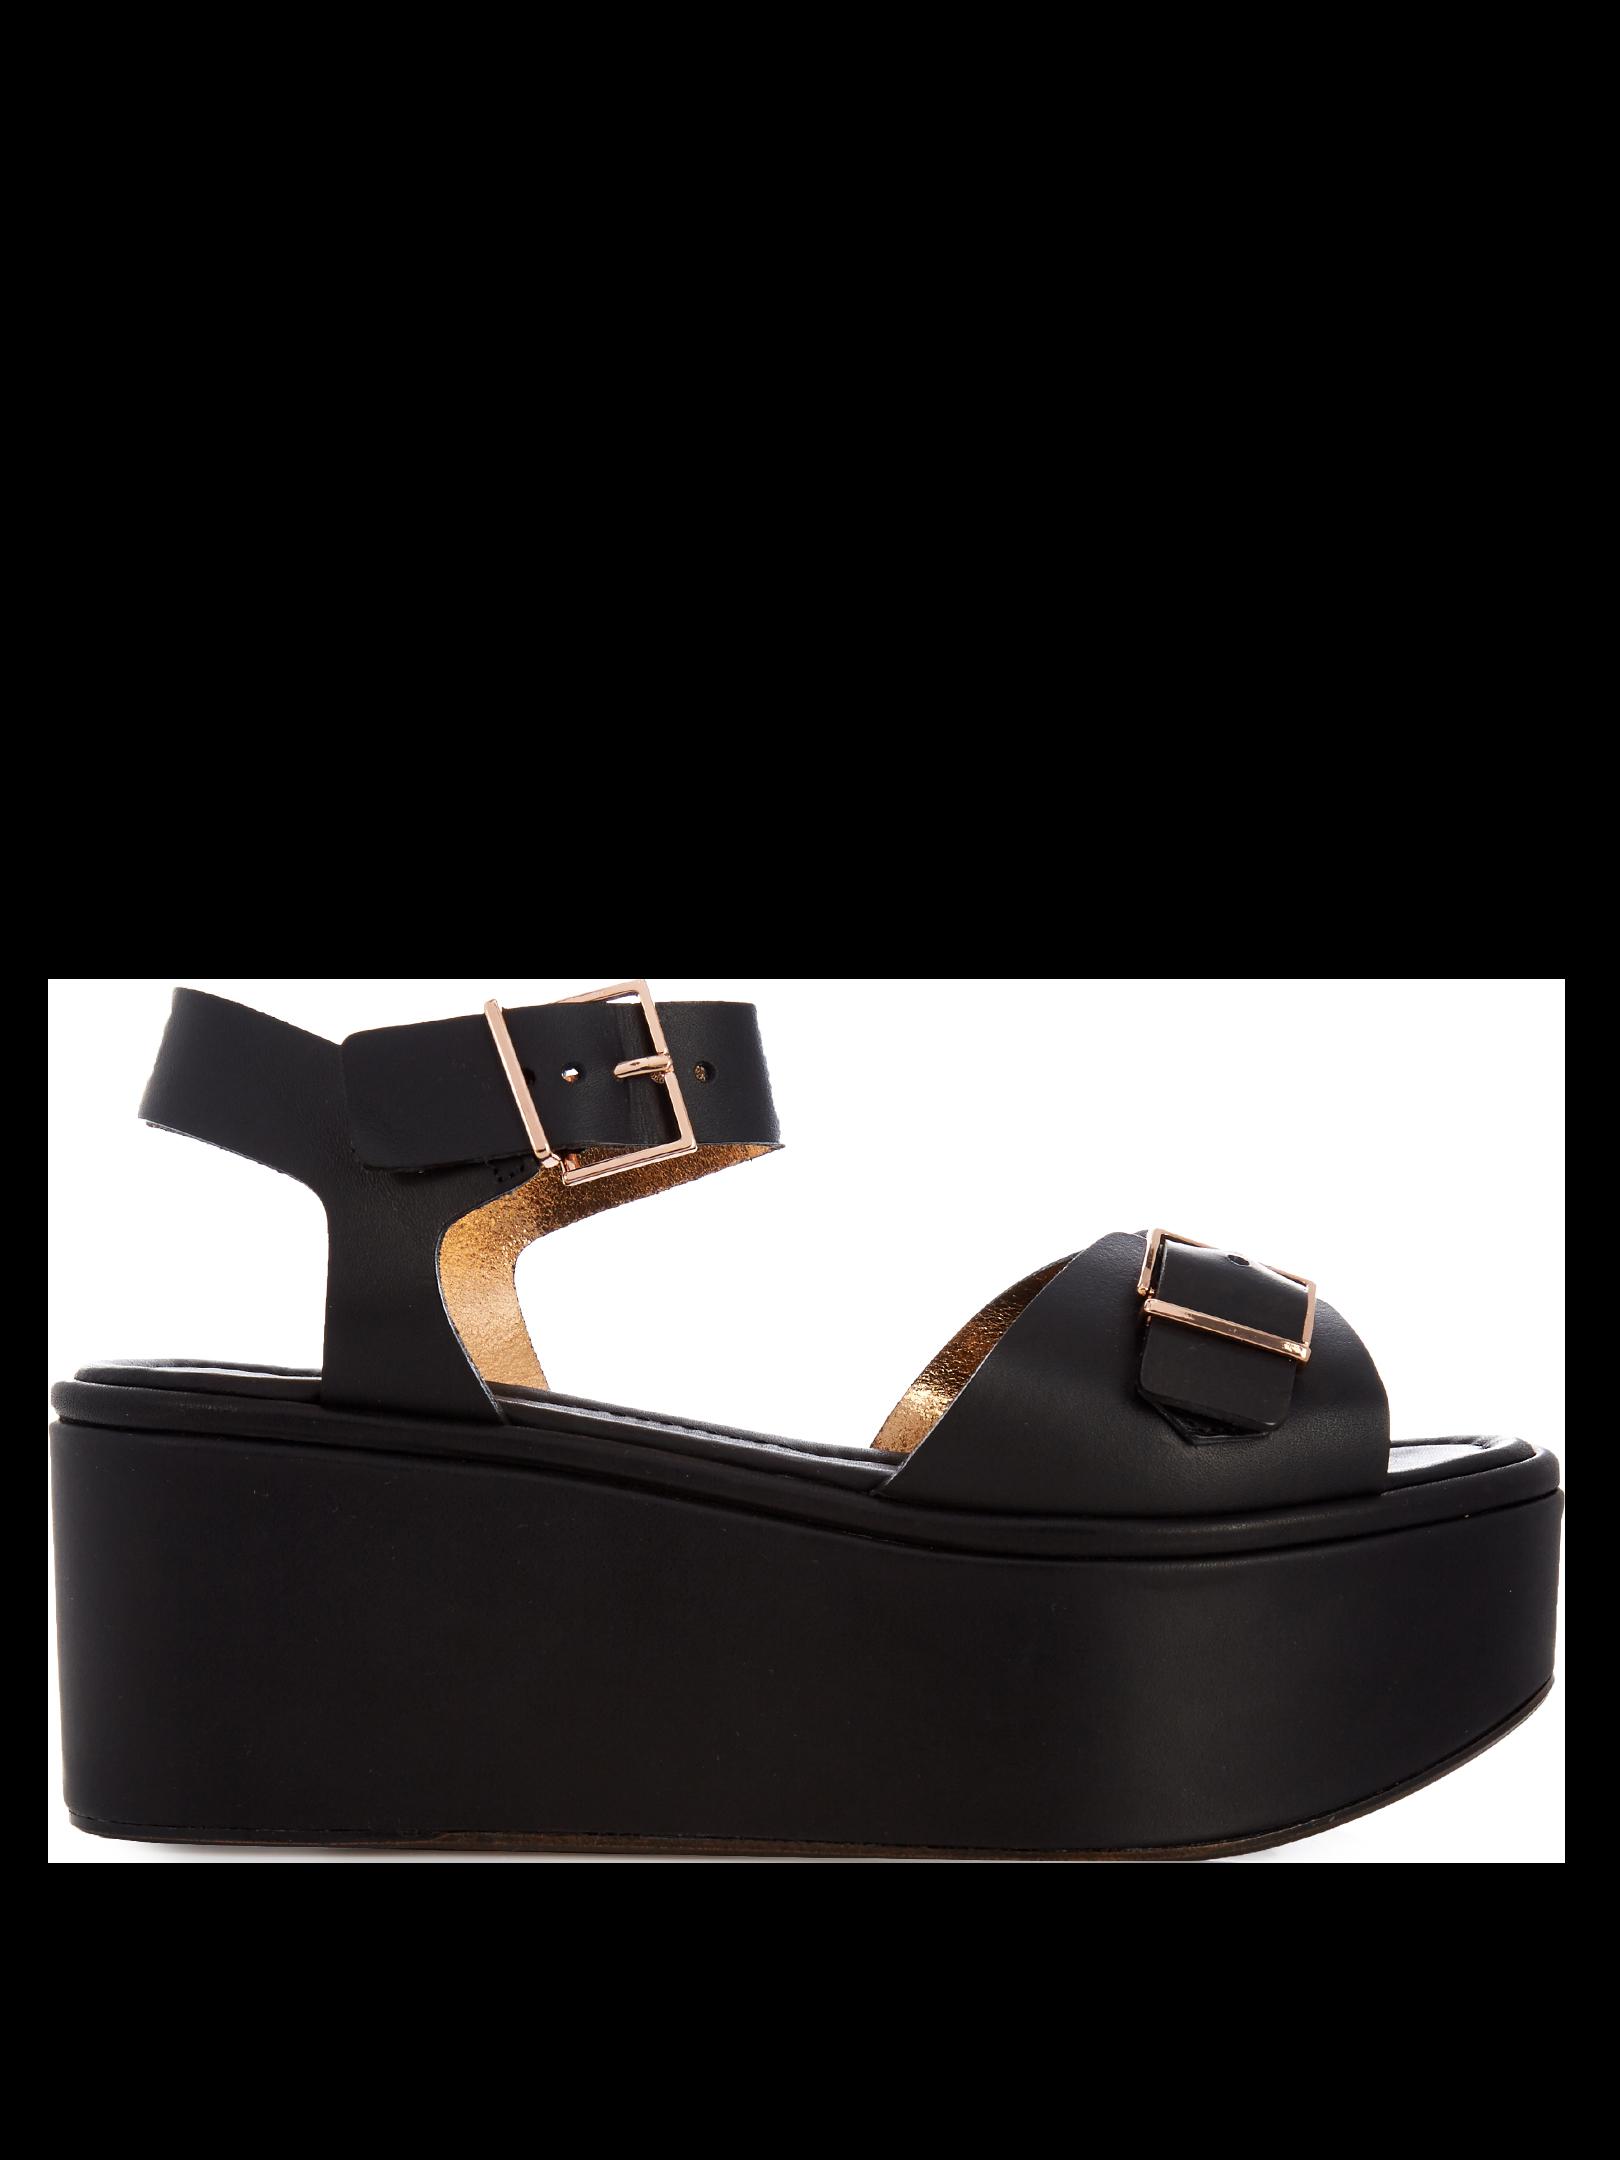 ROBERT CLERGERIE Feitv leather platform sandals